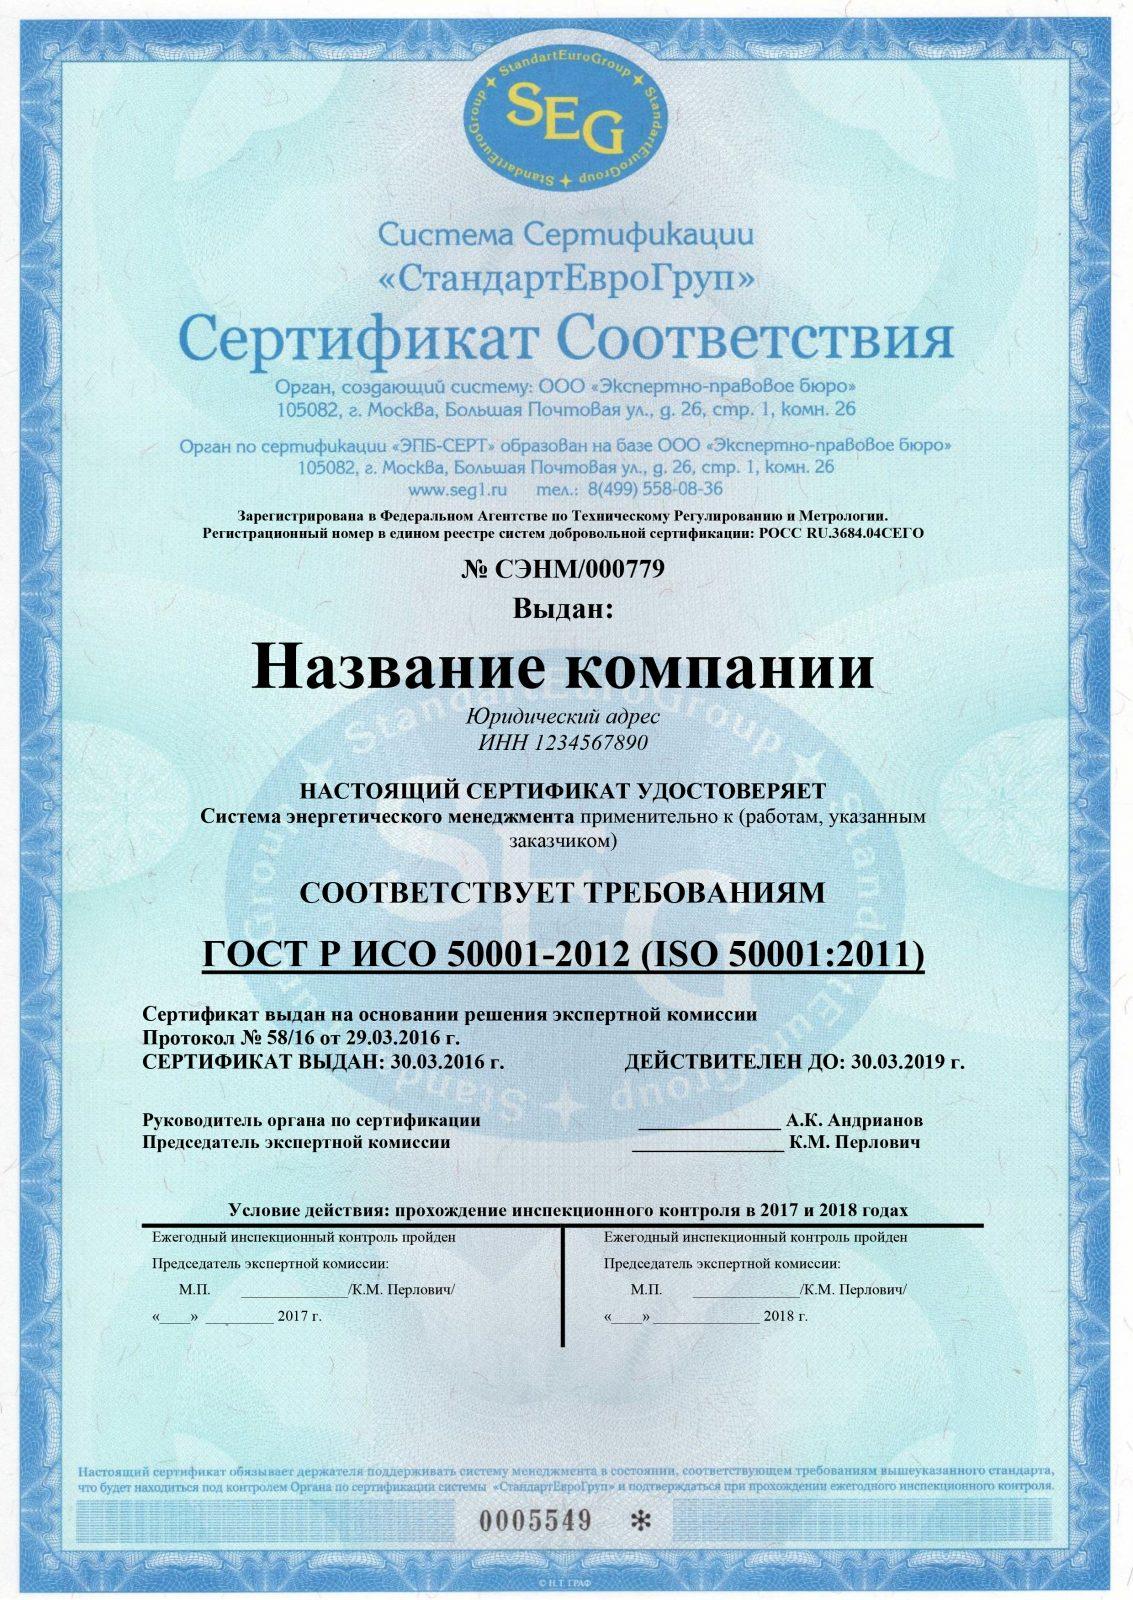 Сертификация ISO 50001